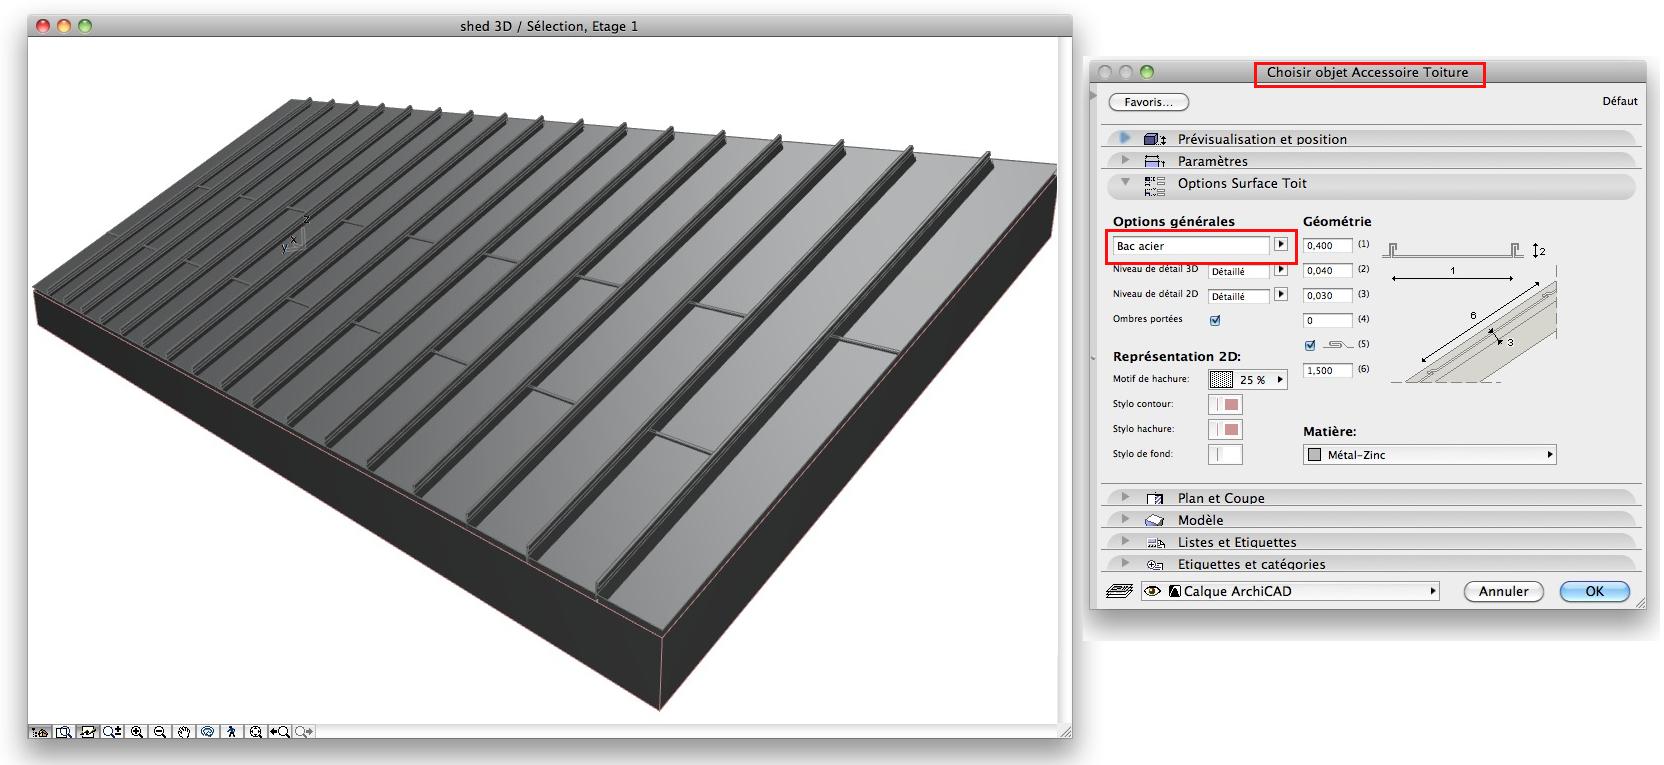 Abvent 3d architecture design for Couverture en zinc joint debout